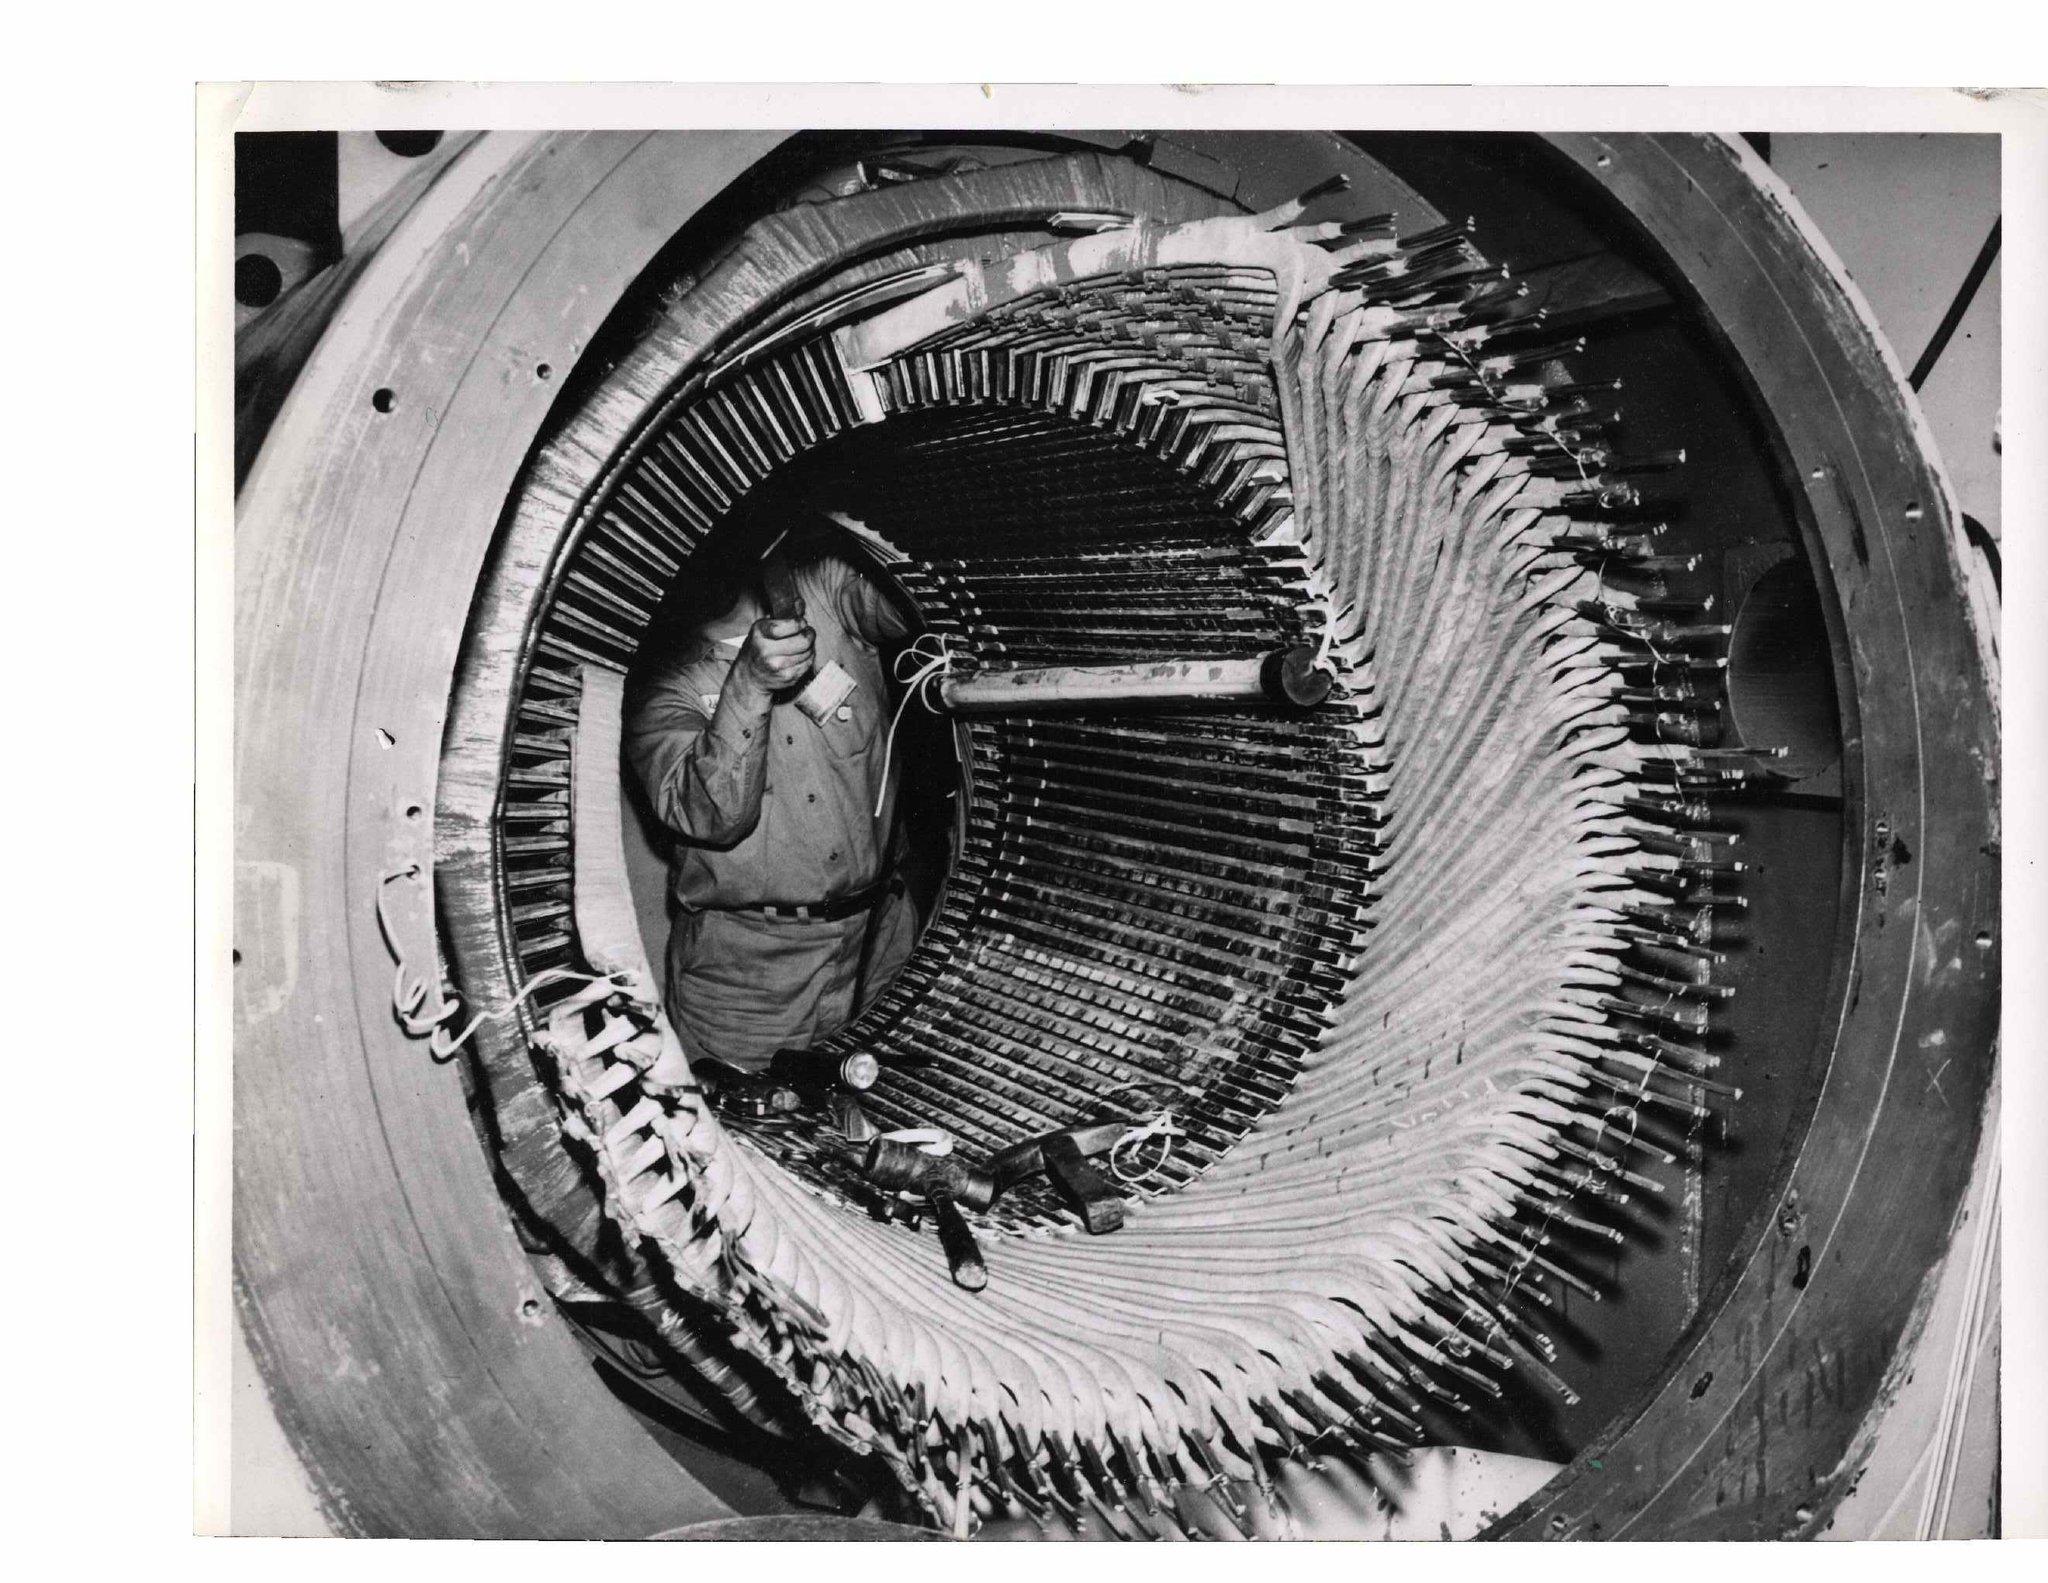 Large Motor Repair